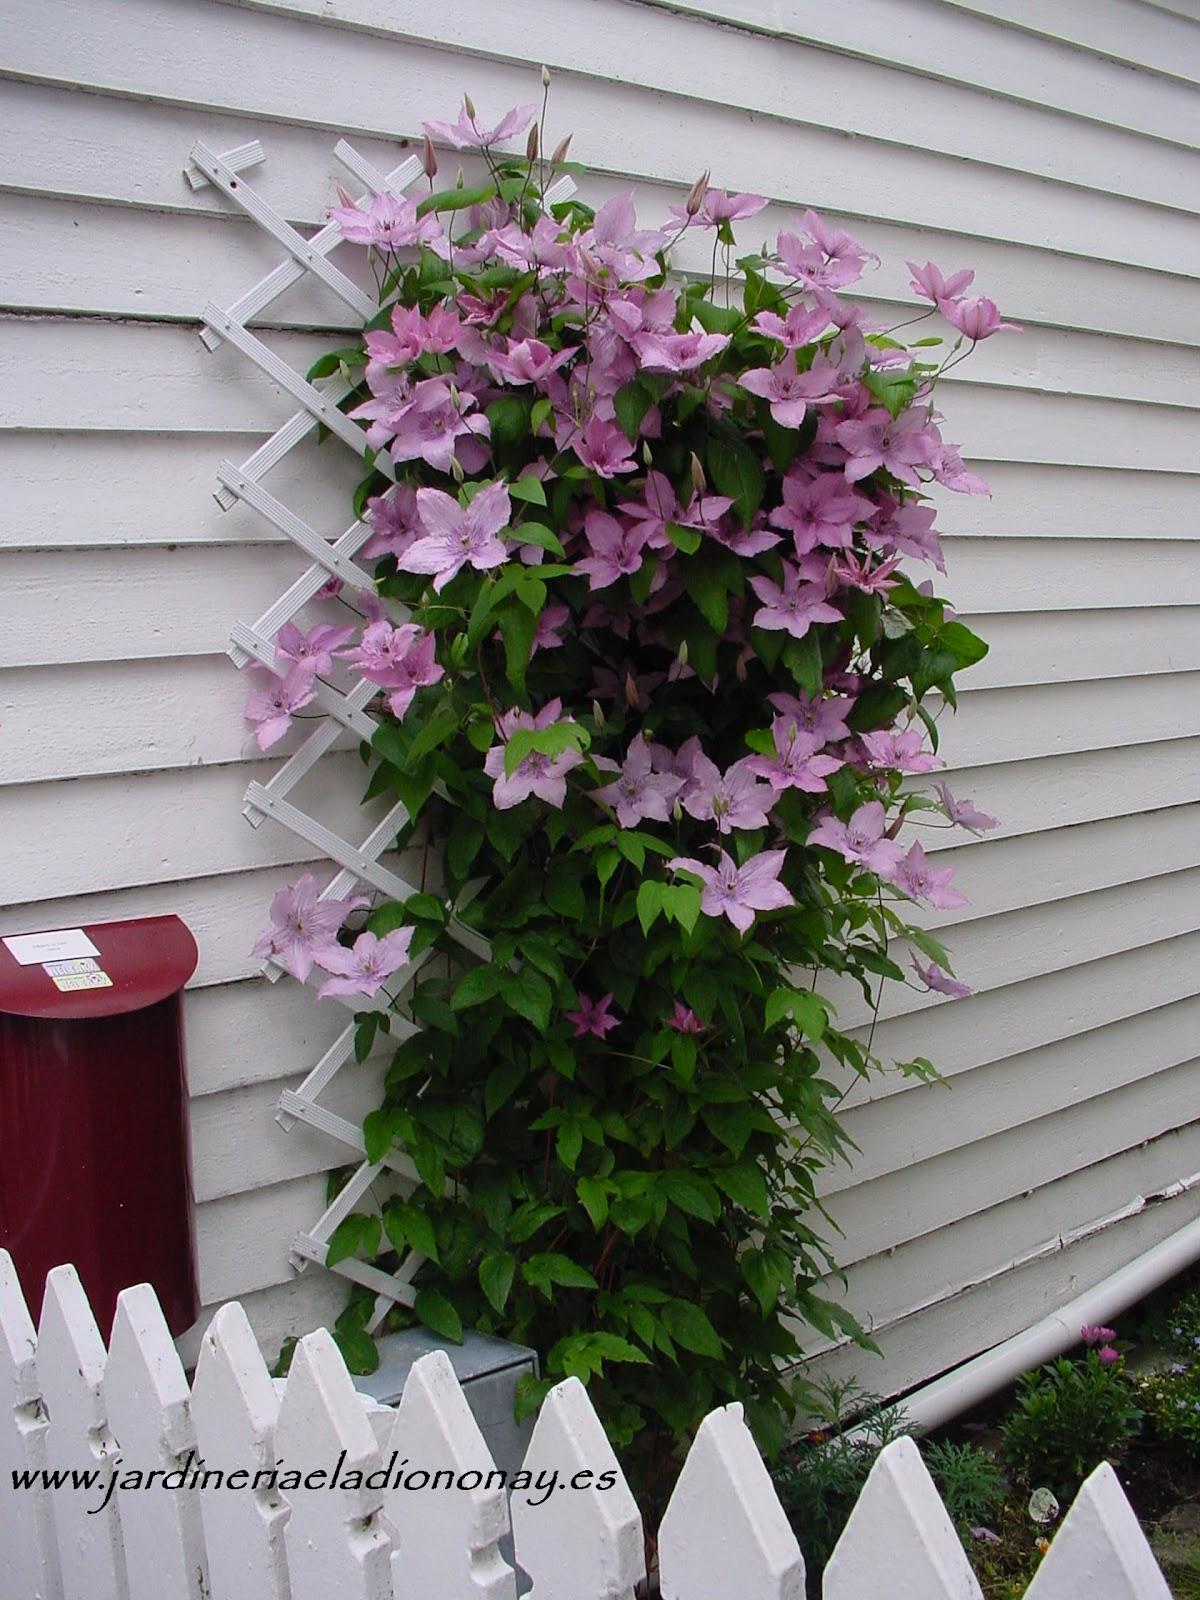 Jardineria eladio nonay trepadora muy decorativa for Jardineria decorativa